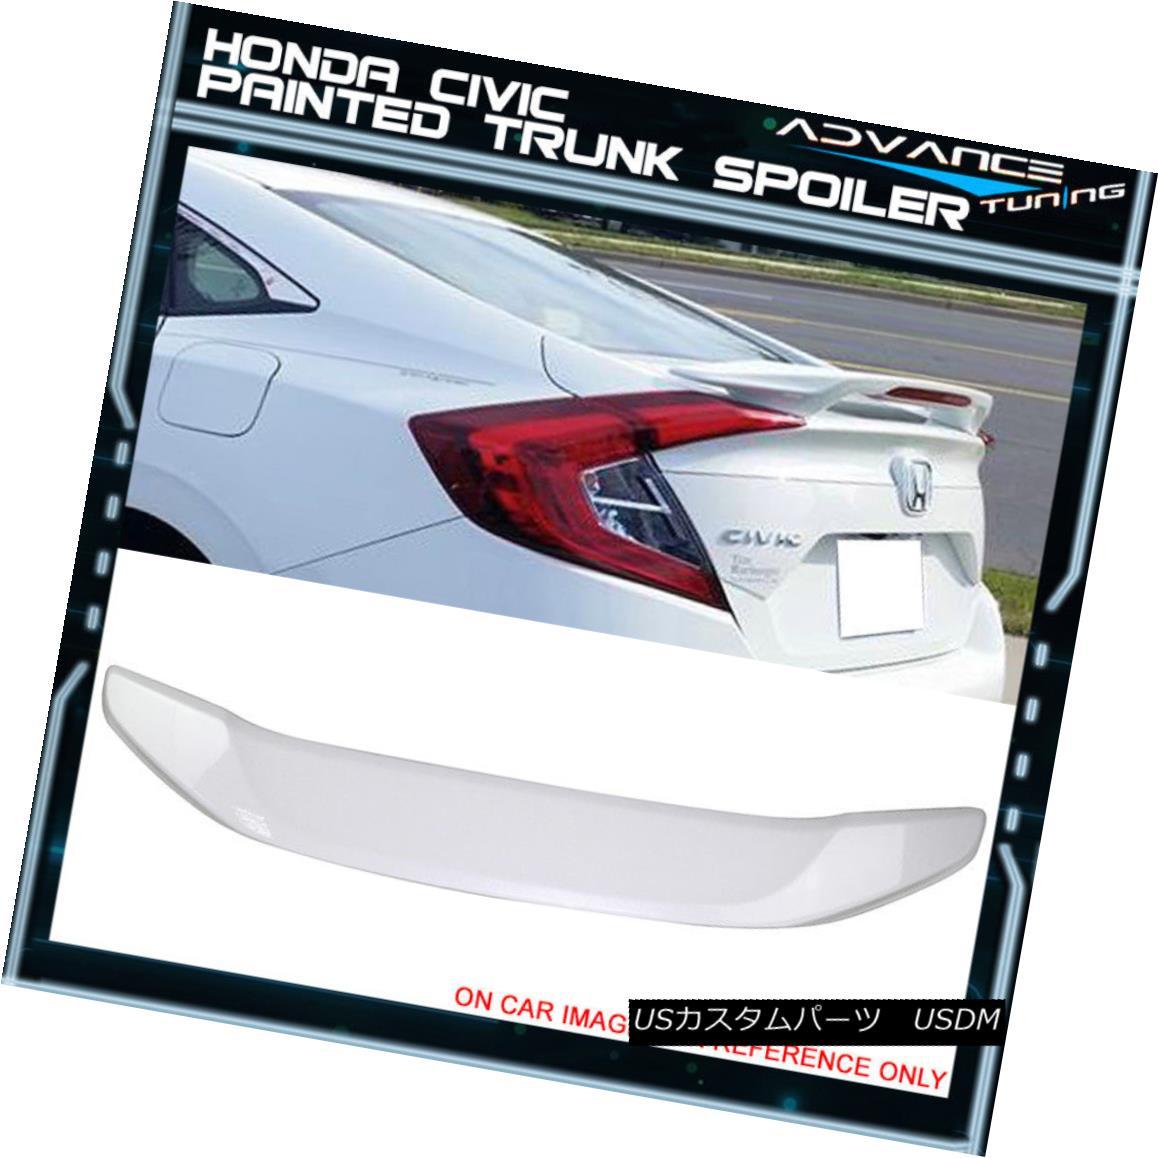 エアロパーツ 16-18 Civic Sedan Trunk Spoiler OEM Painted Color #NH788P White Orchid Pearl 16-18シビックセダントランクスポイラーOEM塗装色#NH788Pホワイトオーキッドパール